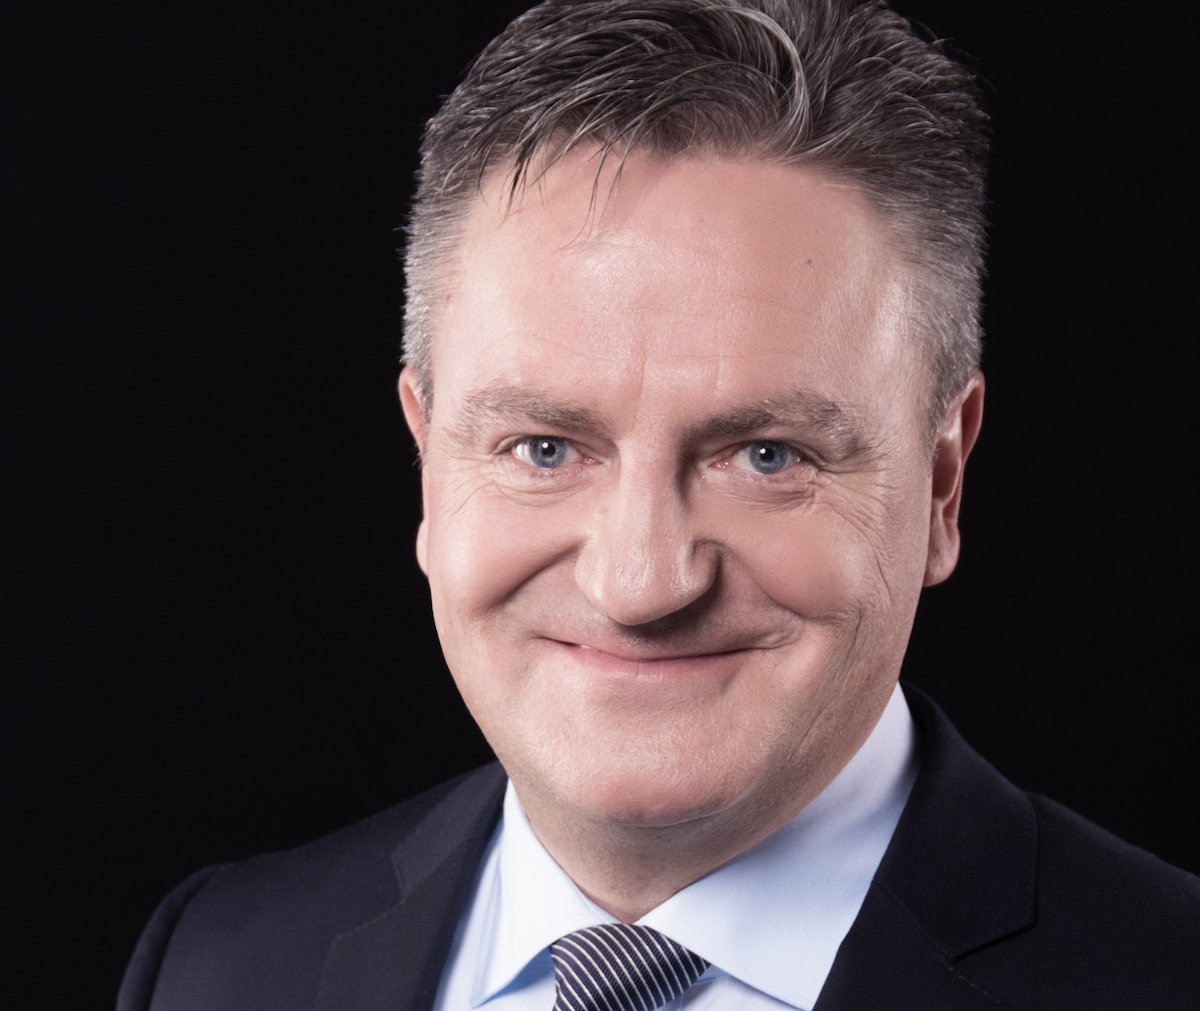 Anzugträger aus Passion: Marcel Zischler ging als Bundesrat Didier Burkhalter durch.